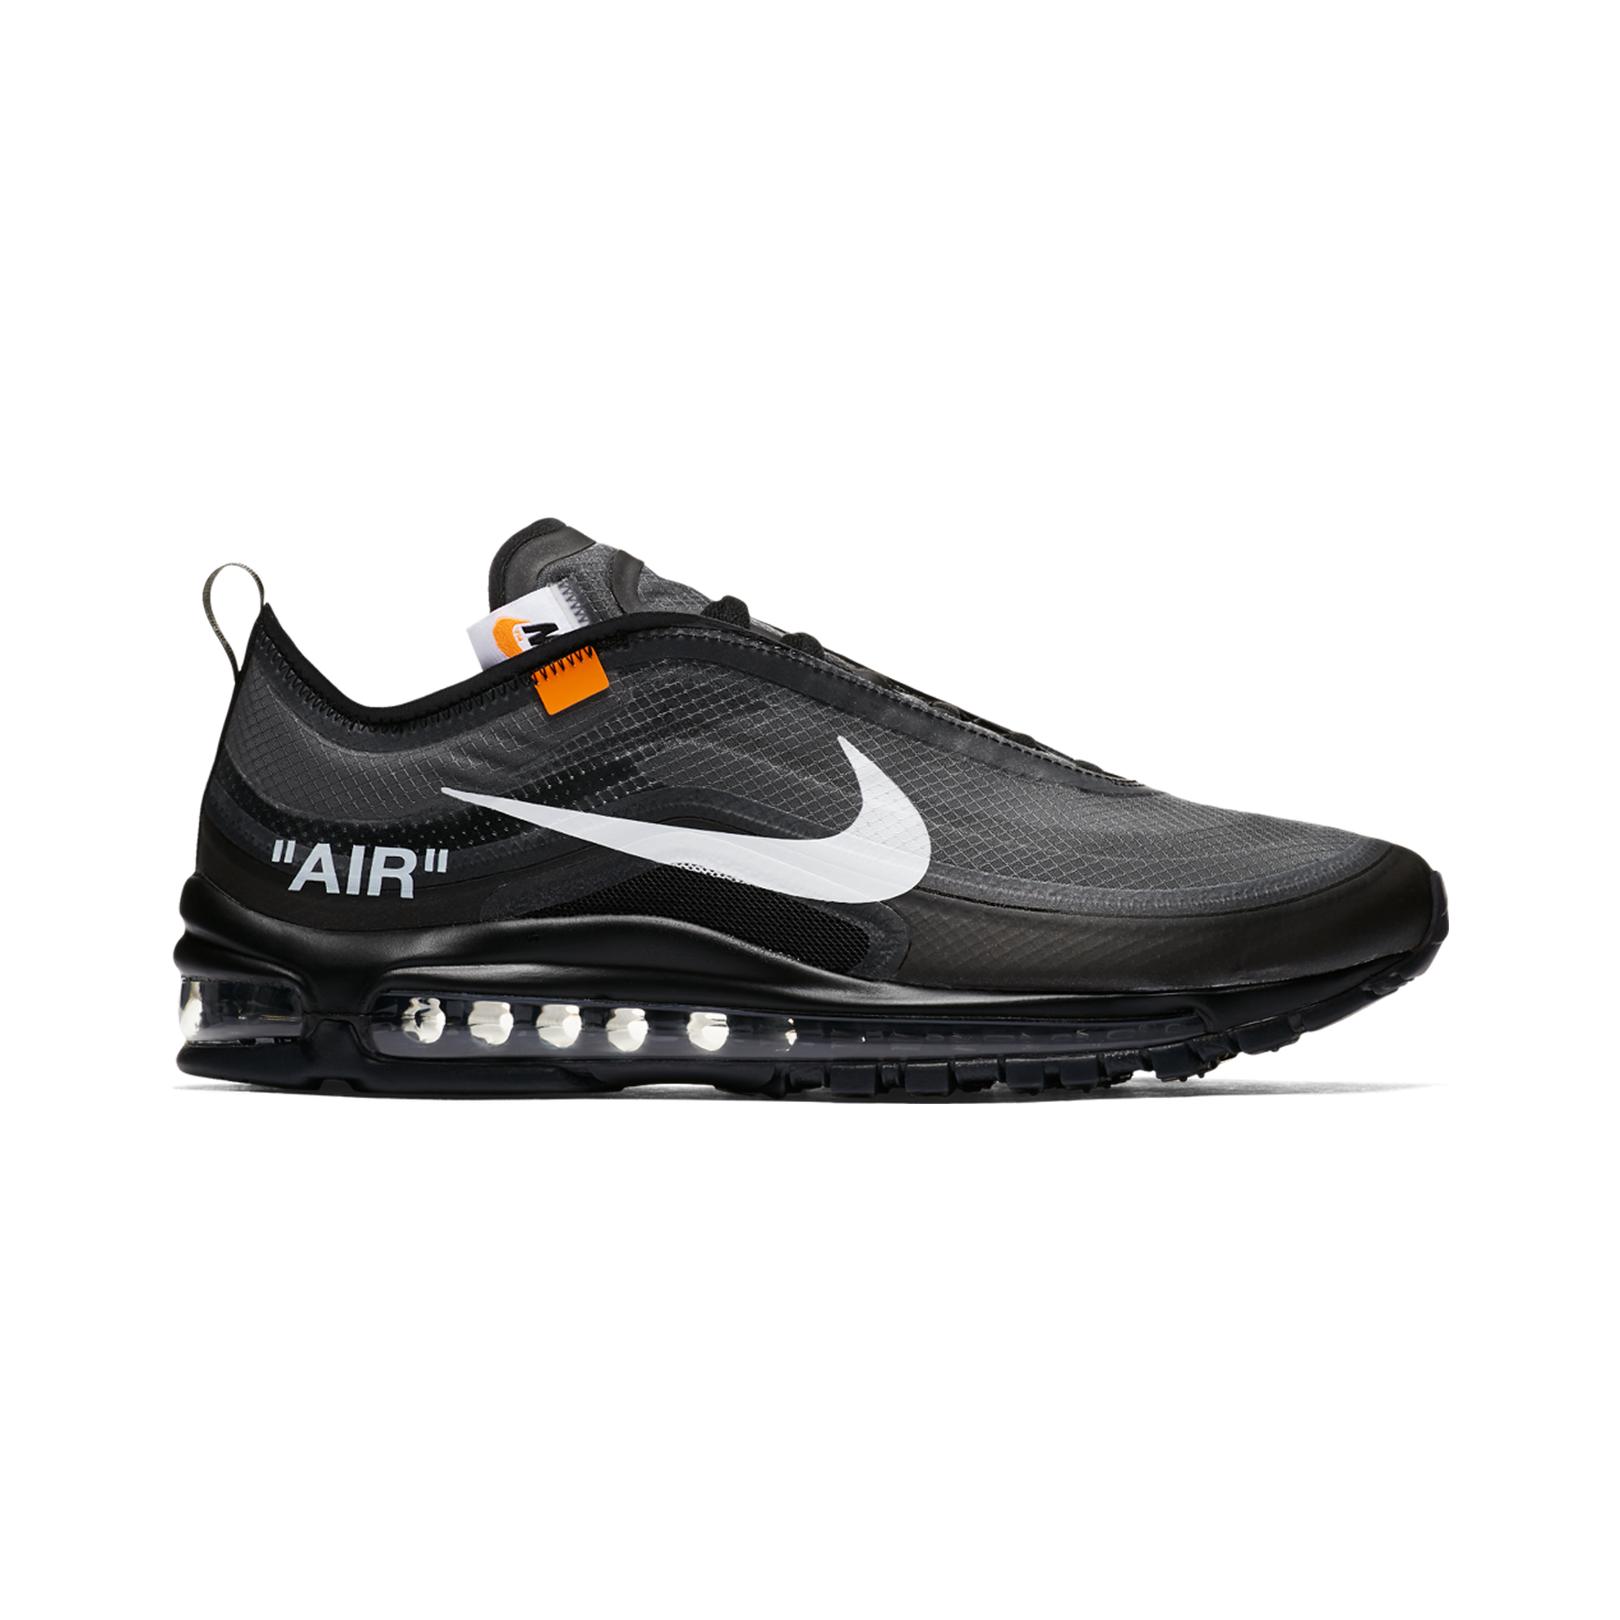 Nike Air OffWhite Black Air Max 97